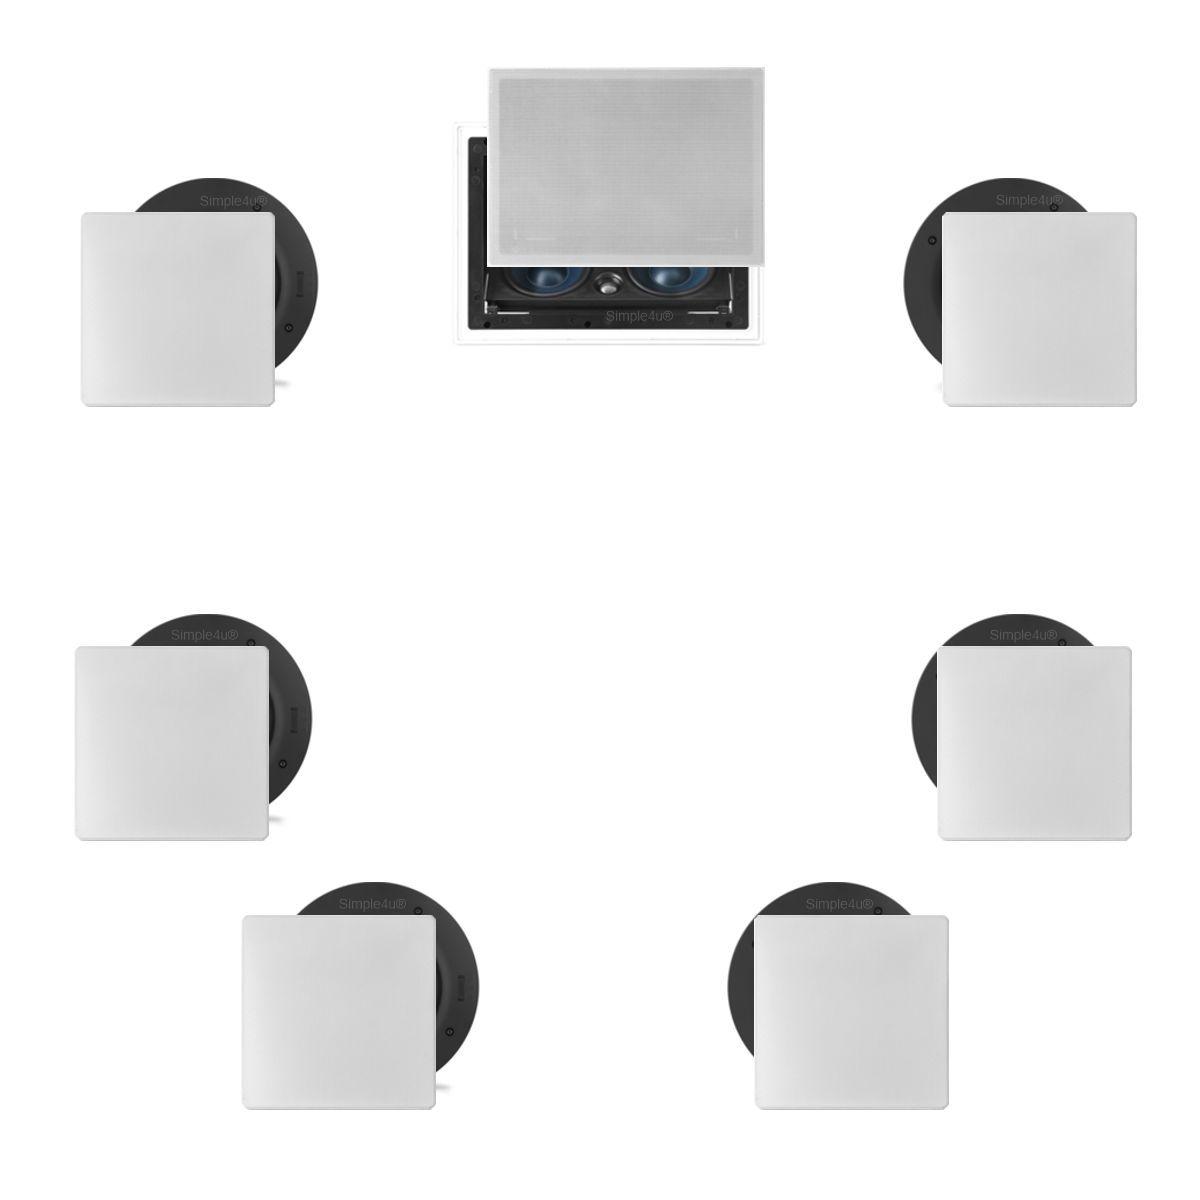 Kit 7.0 Caixa de Embutir no Gesso LCR-A100 + NQ6-A100 + NQ6-M100 AAT